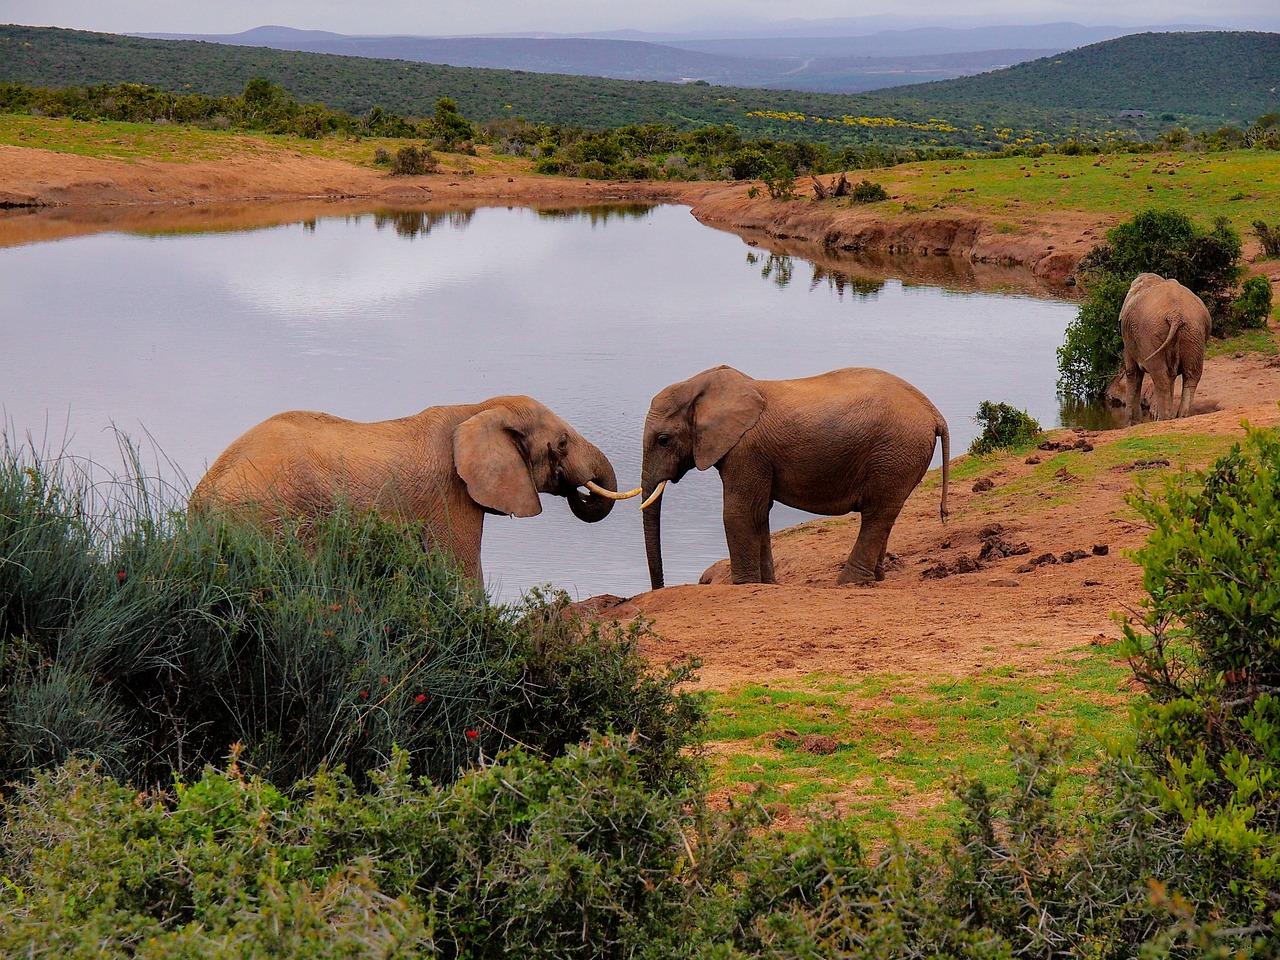 актуален для обитатели и природа в африке фото карандашом время процедуры чувствовалось